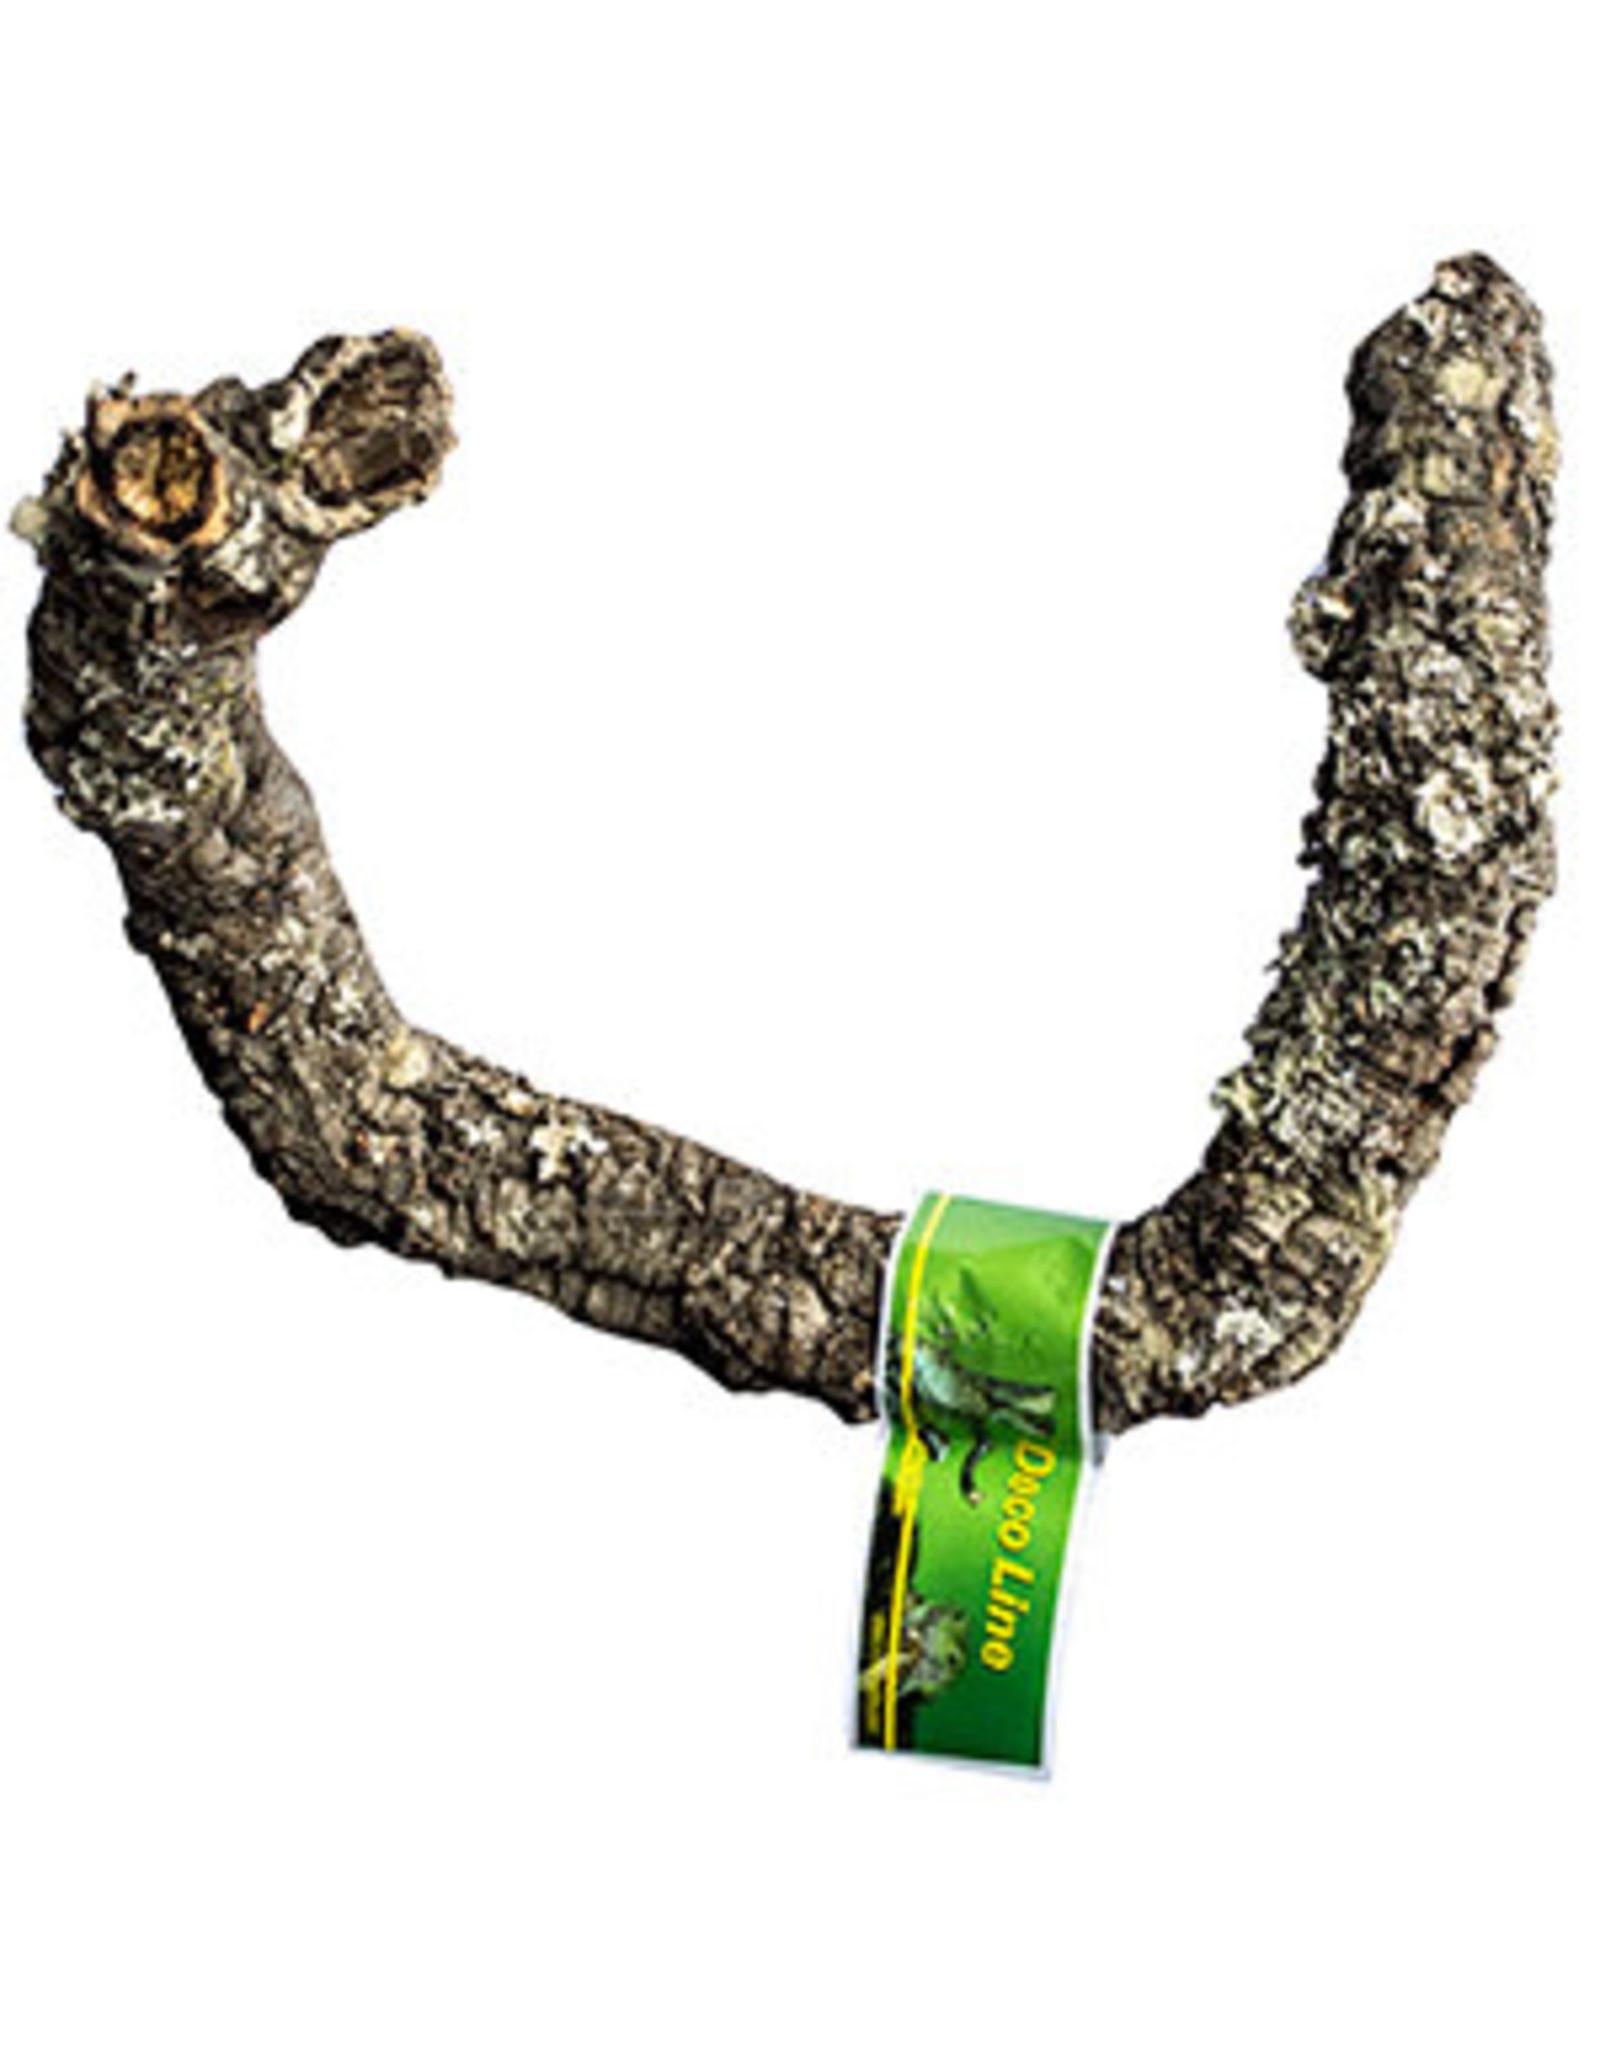 Lucky Reptile LR Tronchos Branches 40-60cm